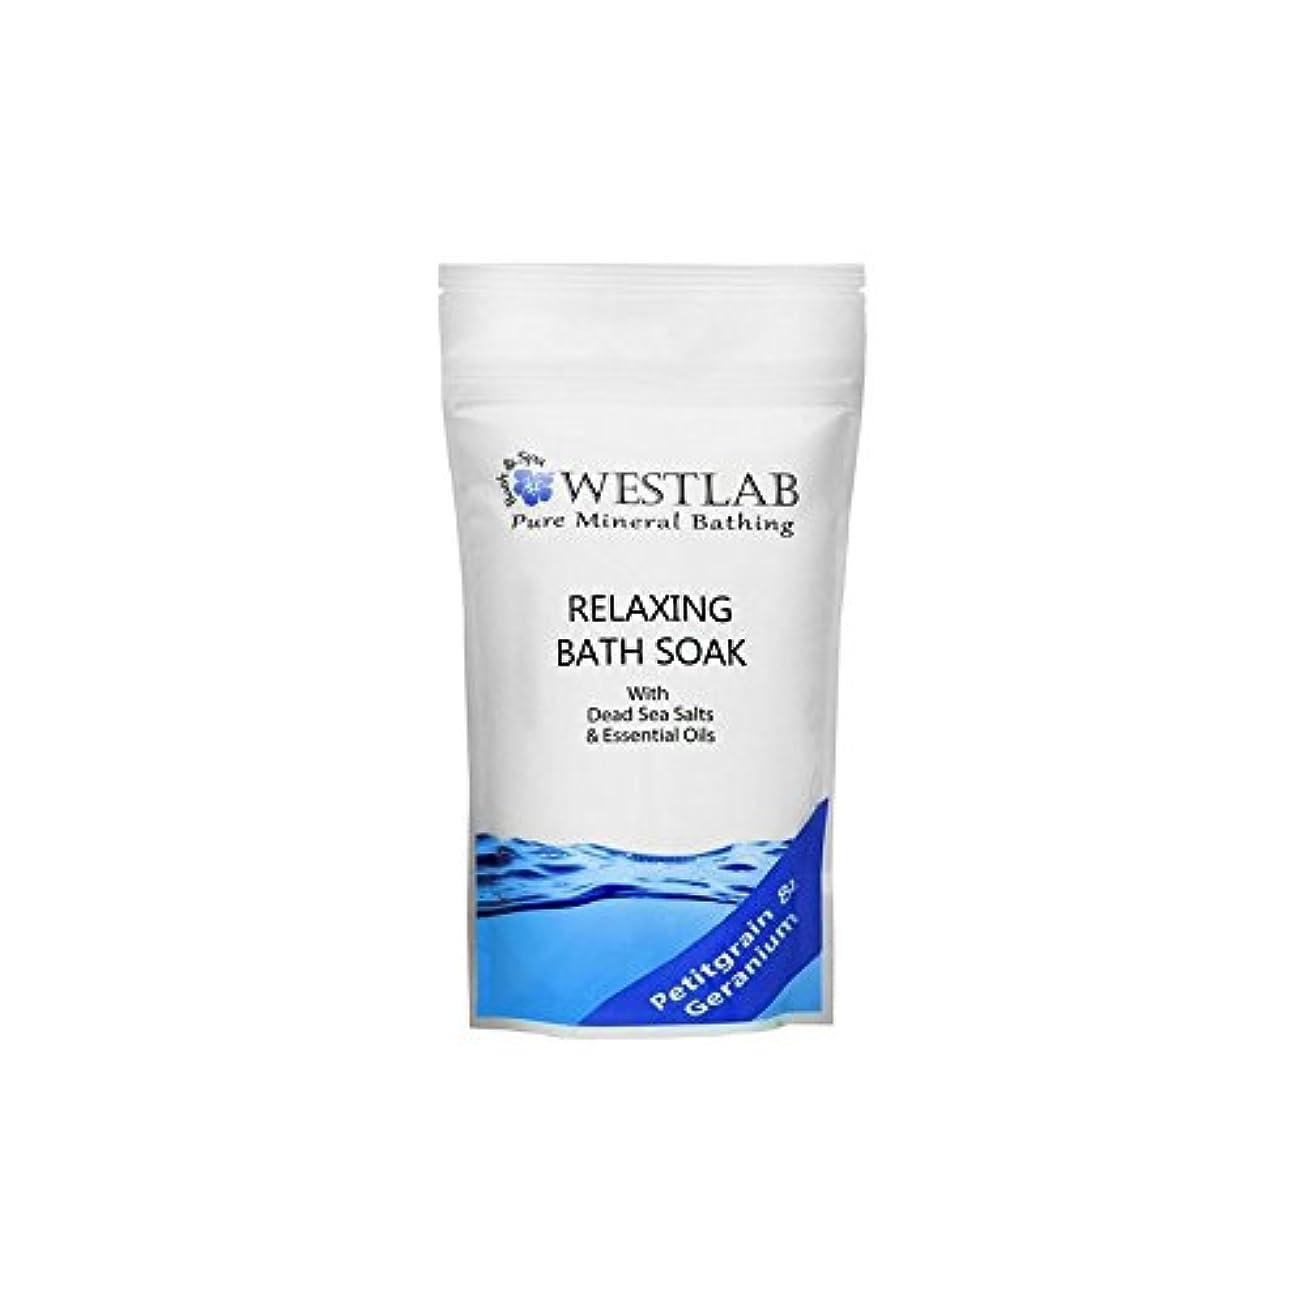 出身地信じるバスタブWestlab Relax Dead Sea Salt Bath Soak (500g) (Pack of 6) - 死海の塩浴浸漬(500グラム)をリラックス x6 [並行輸入品]